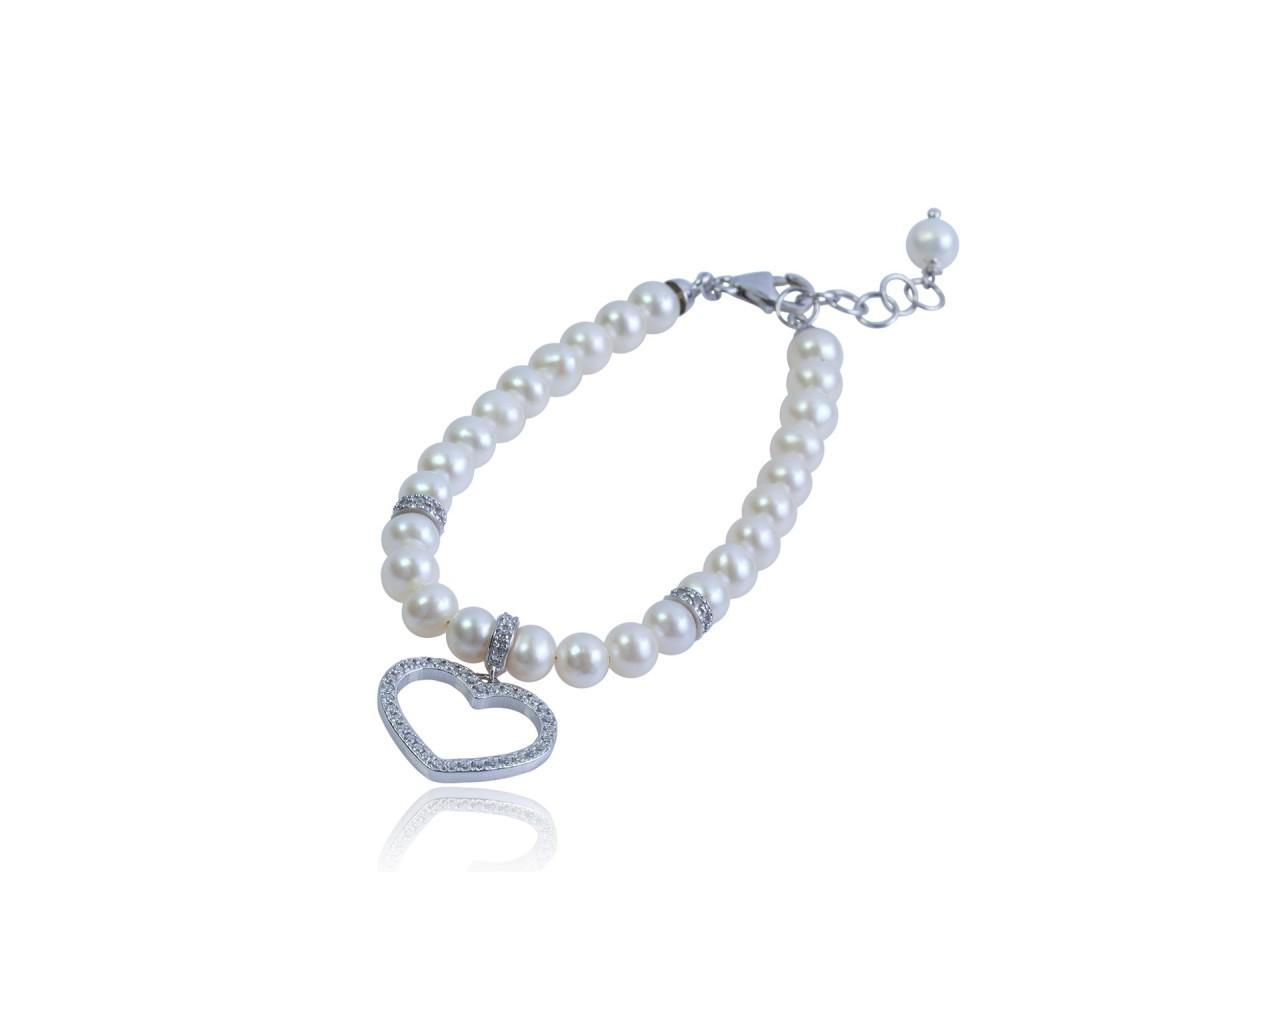 Bracciale in argento con perle di fiume e ciondolino raffigurante un cuore